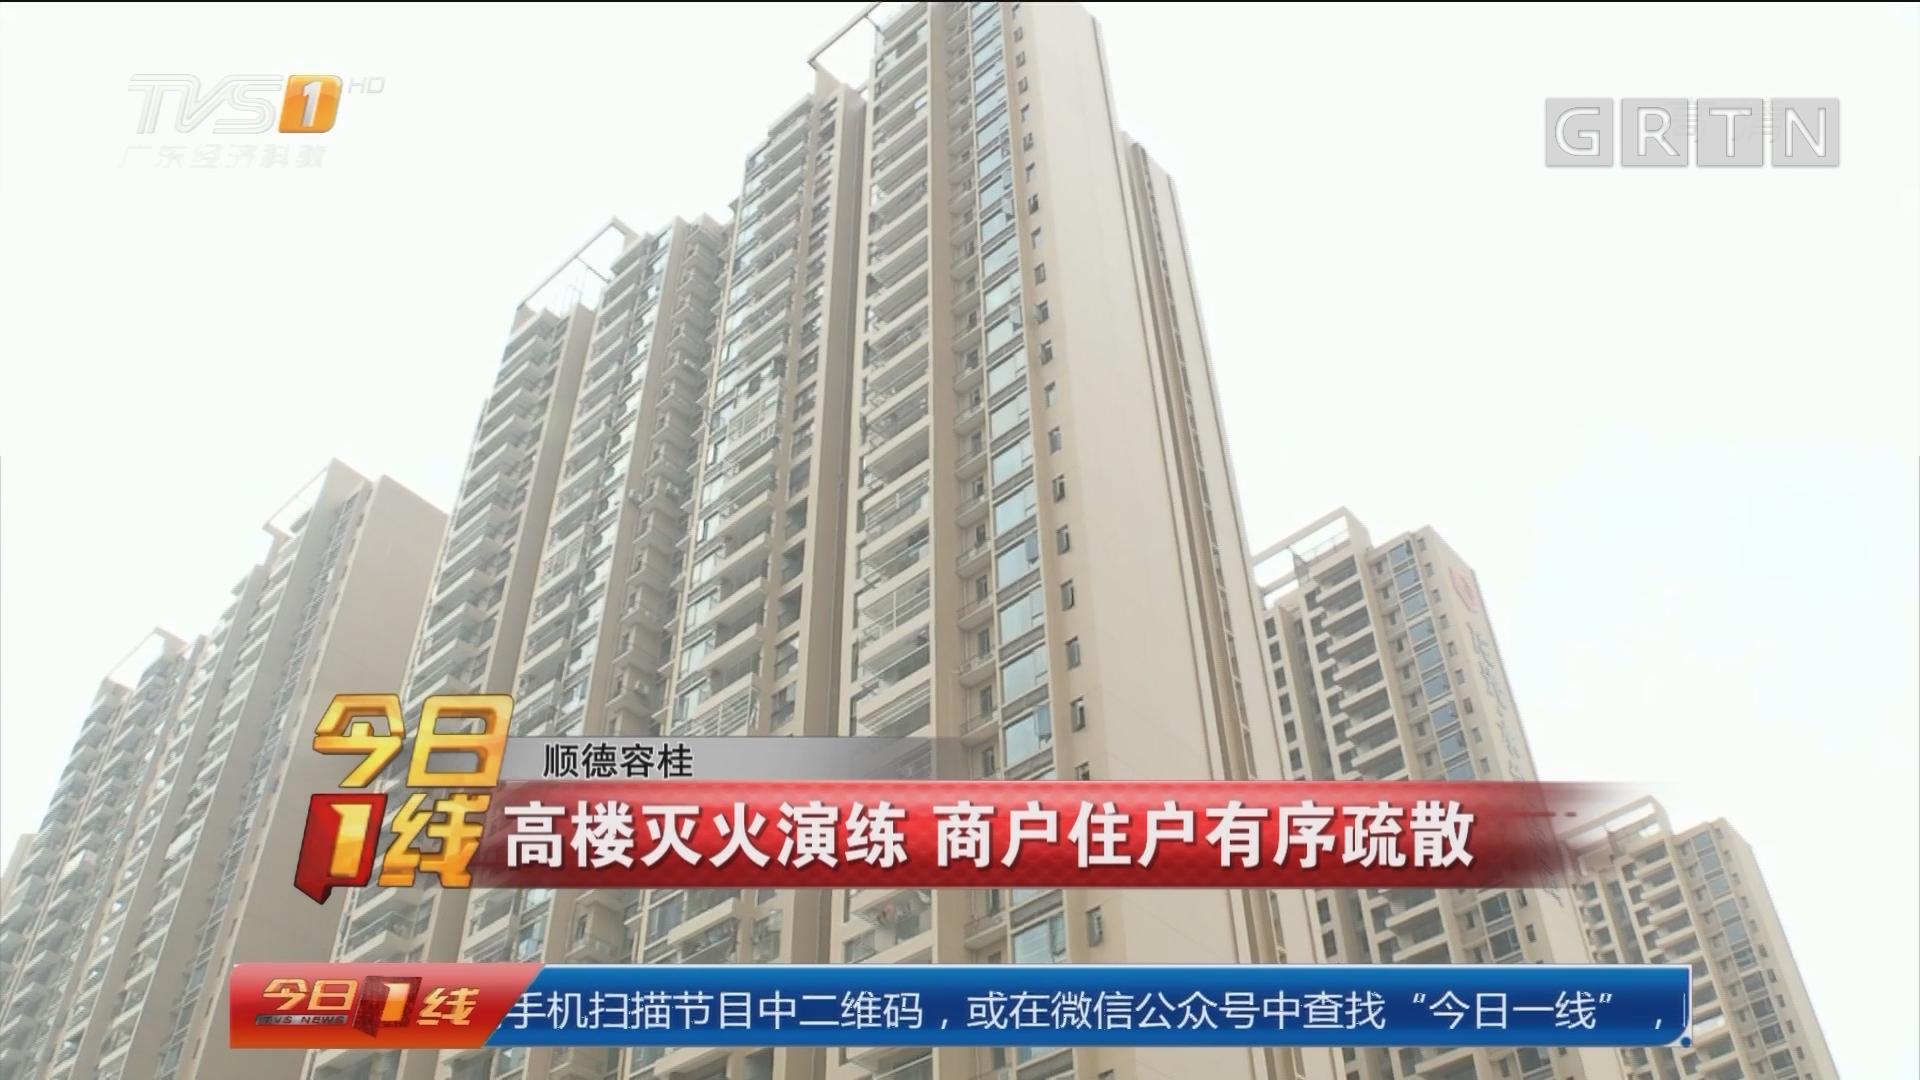 高楼灭火演练 商户住户有序疏散